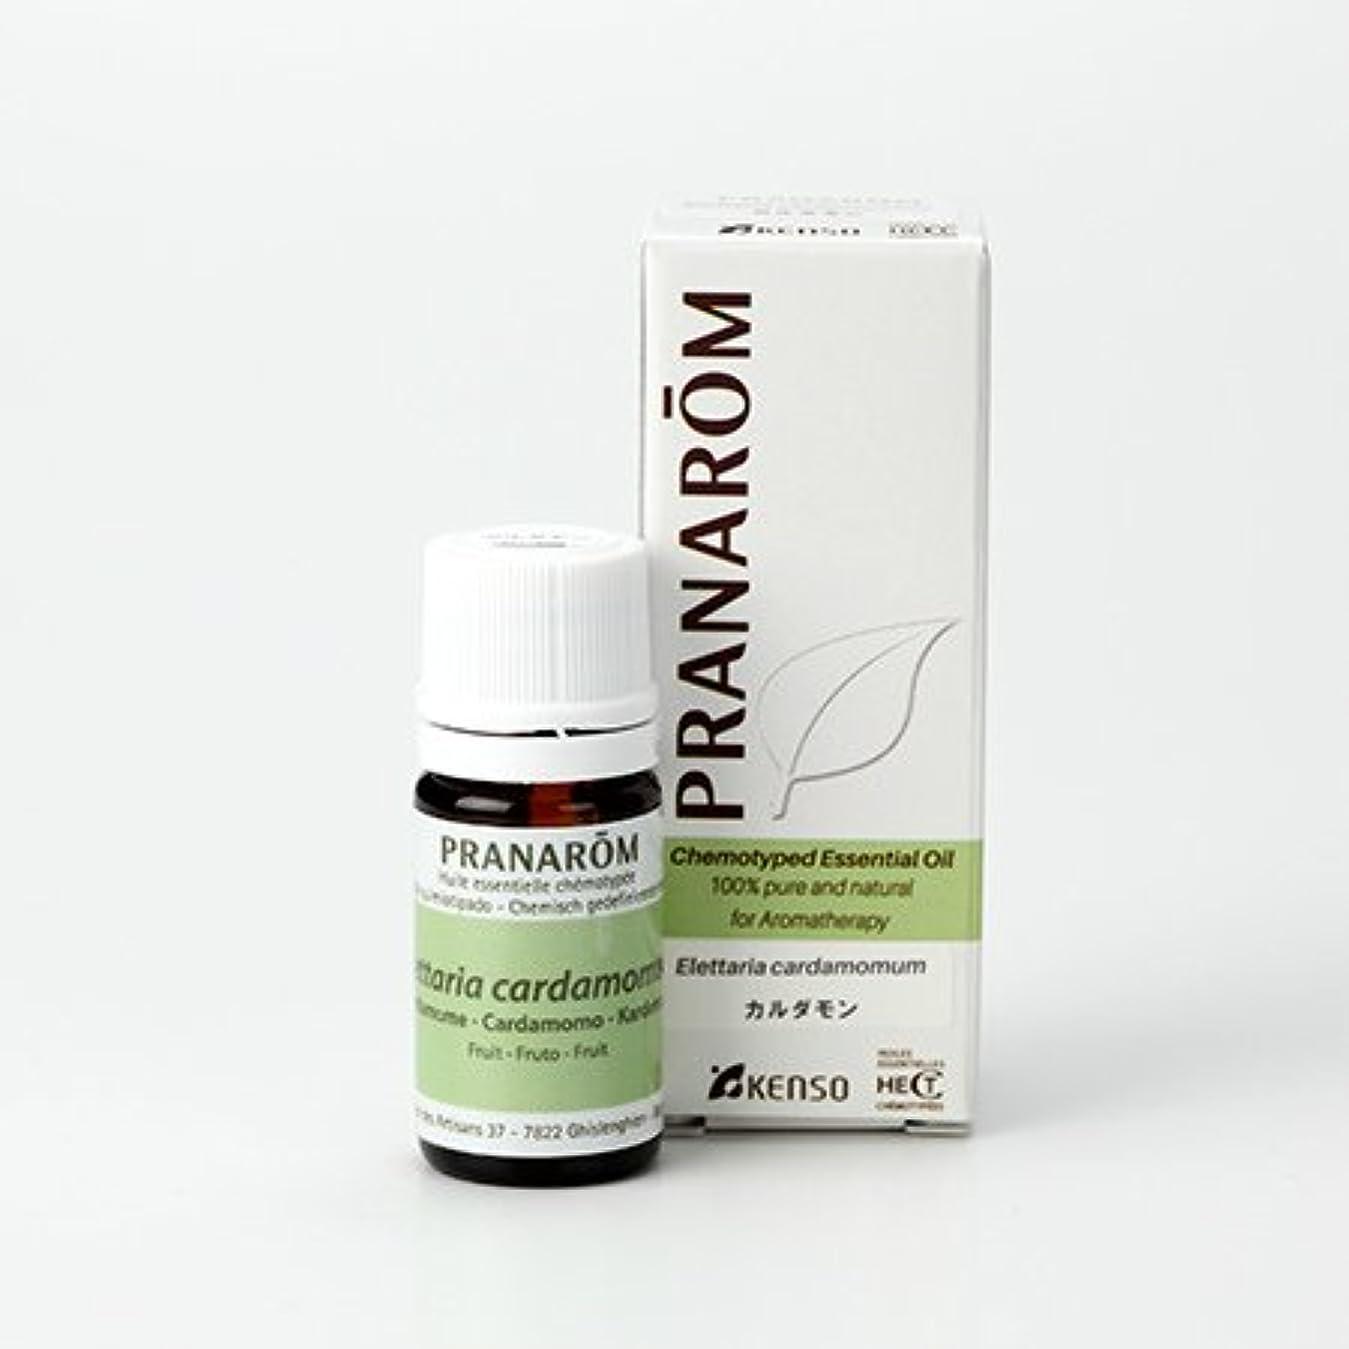 つづり理容室マラドロイトプラナロム カルダモン 5ml (PRANAROM ケモタイプ精油)